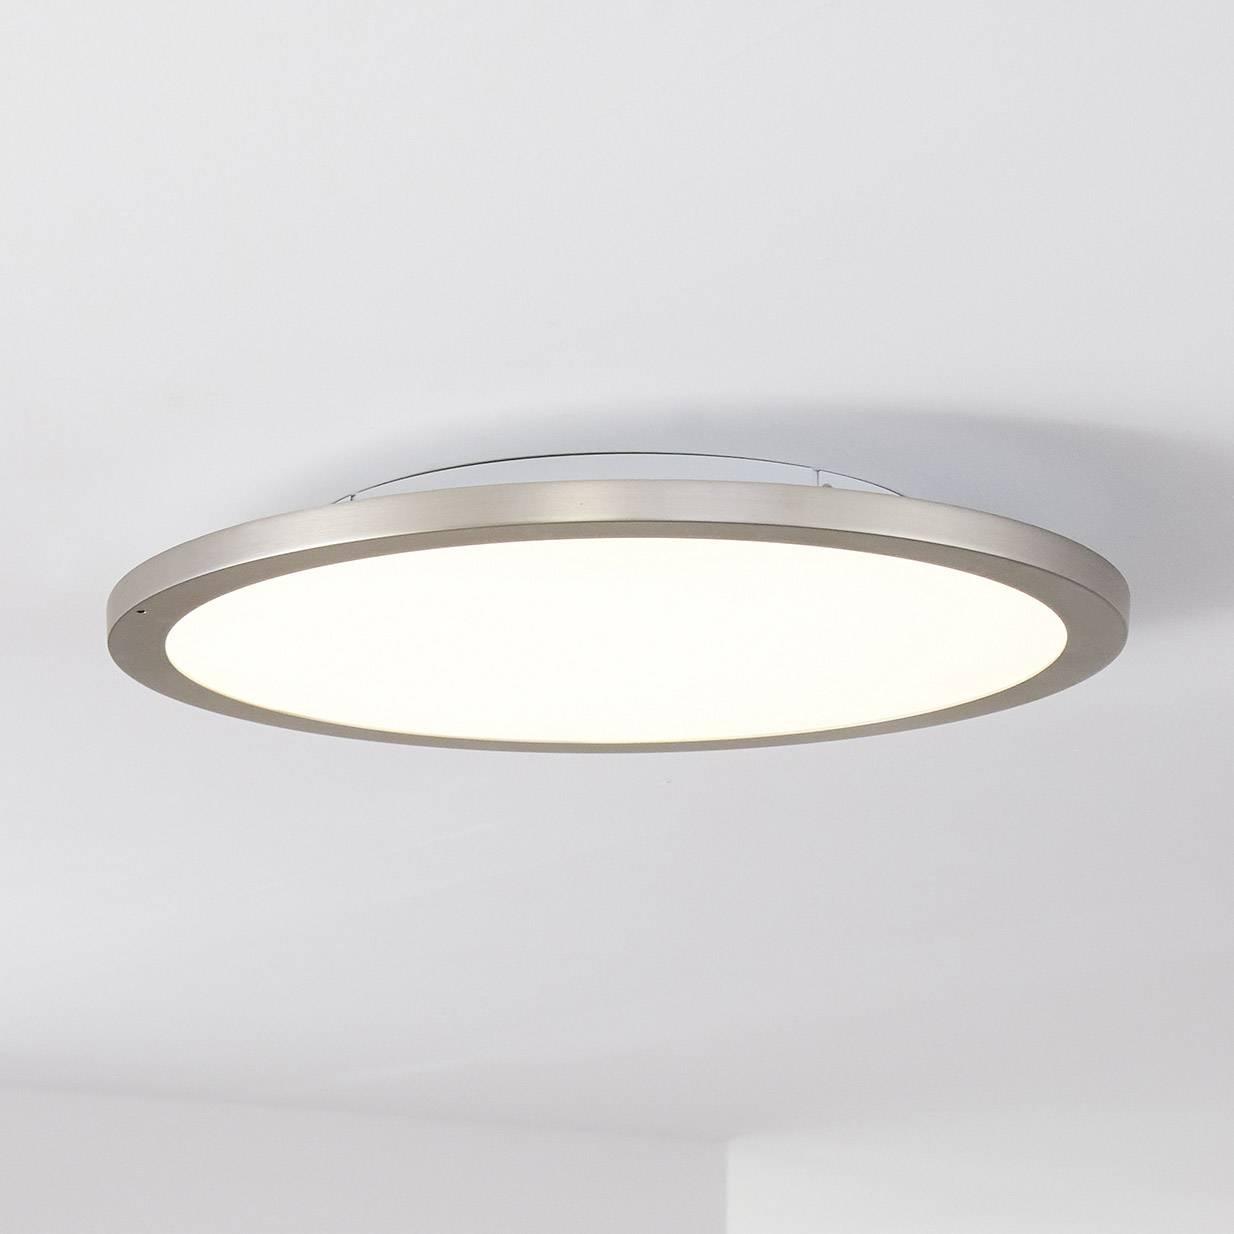 LED panel Brilliant WiZ Smooth, pevně vestavěné LED, 36 W, teplá bílá, neutrálně bílá, denní světlo